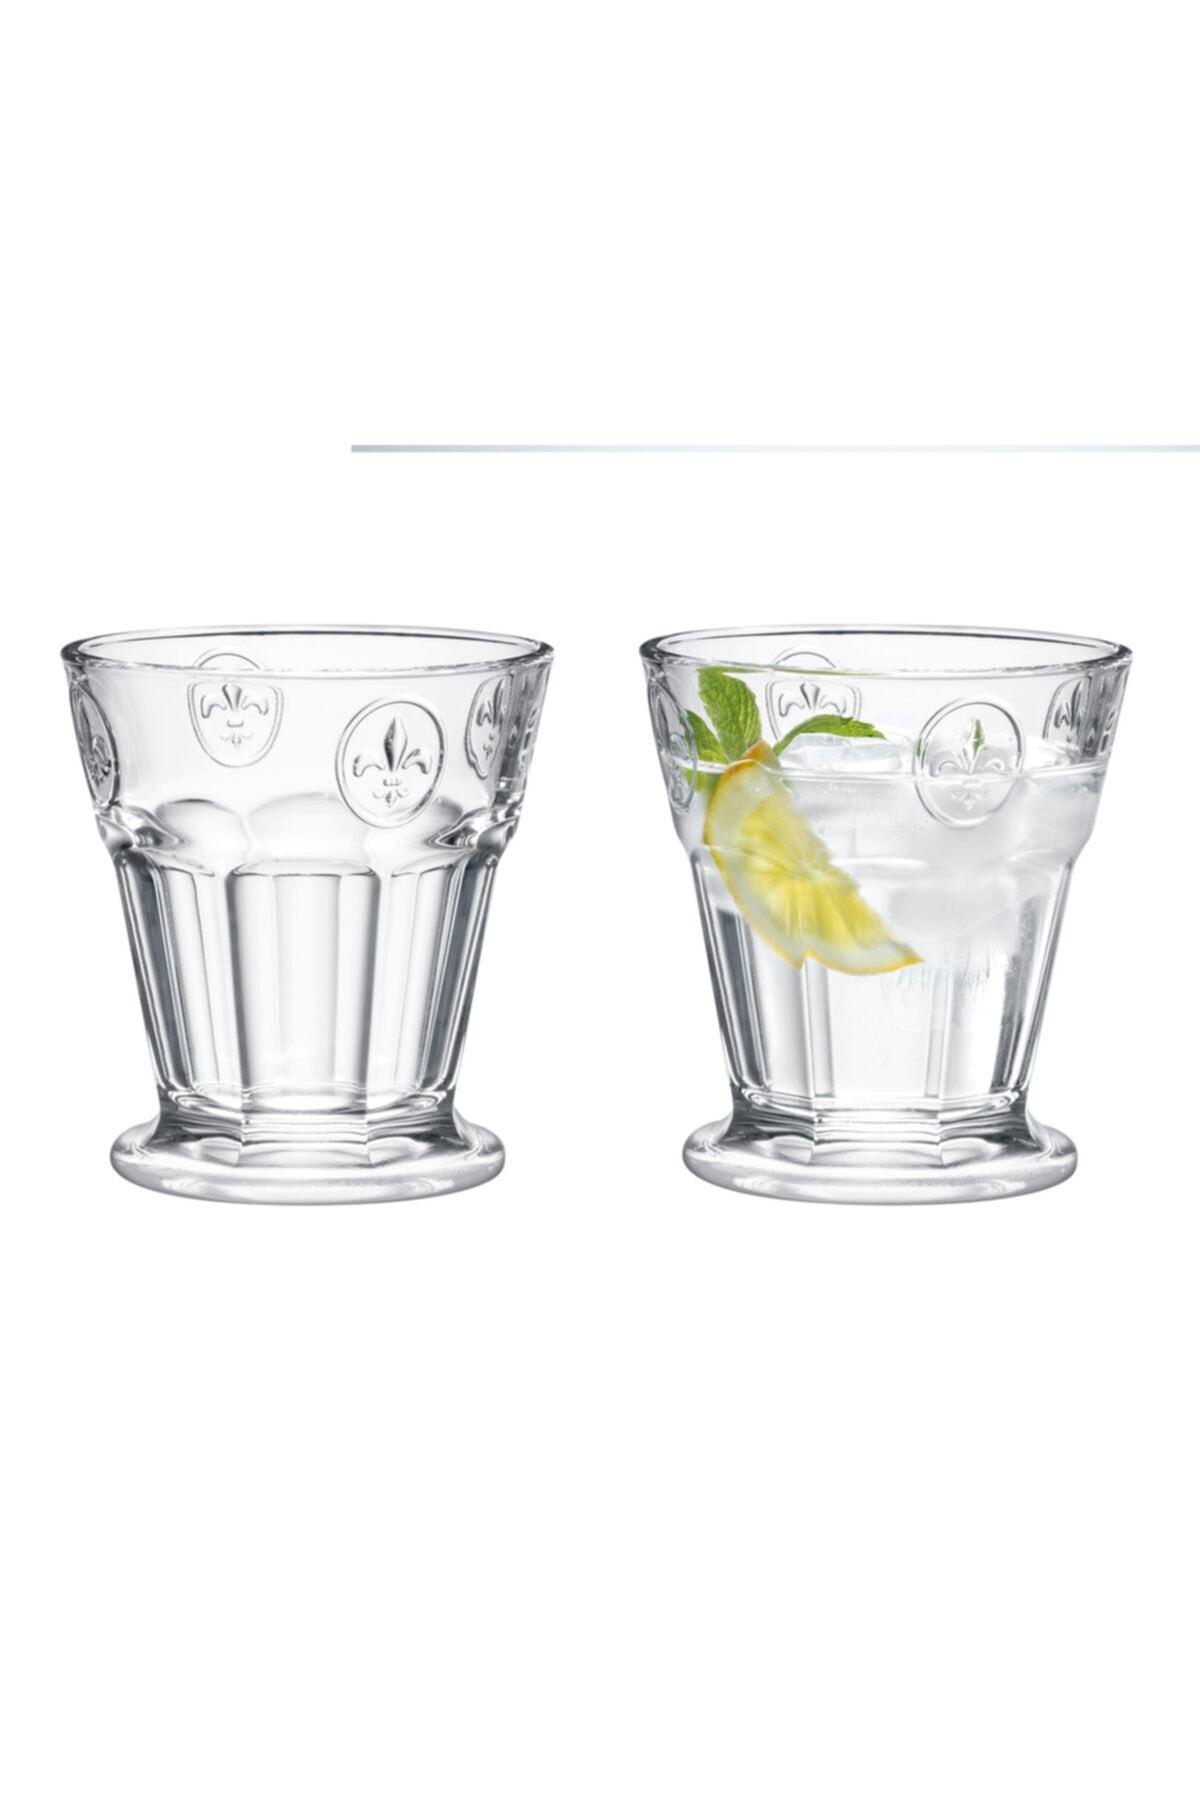 Madame Coco Florentine 4'lü Su Bardağı 2